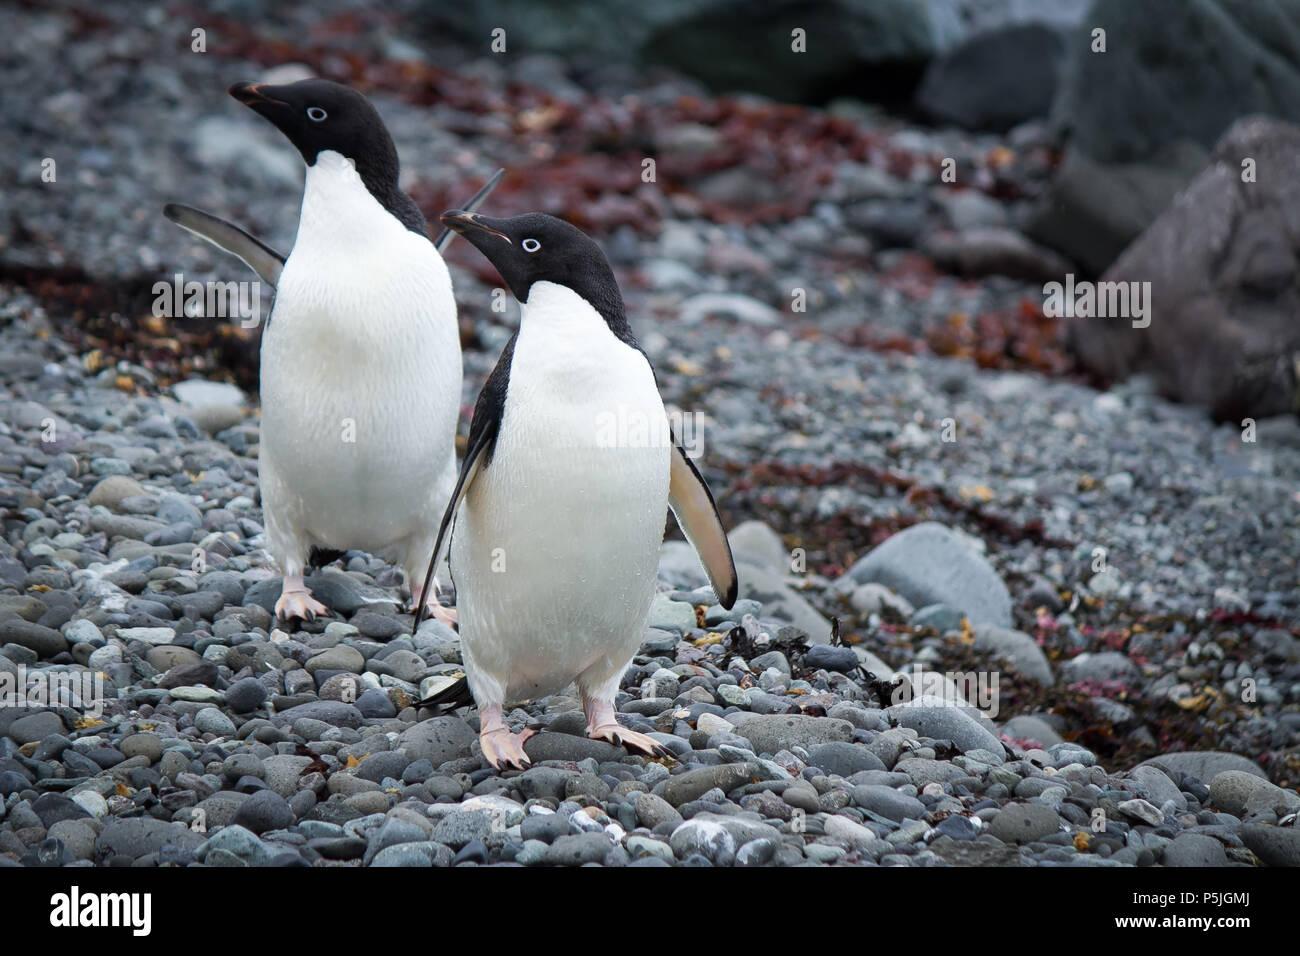 Coppia di Pinguini Adelie guardando a sinistra Immagini Stock